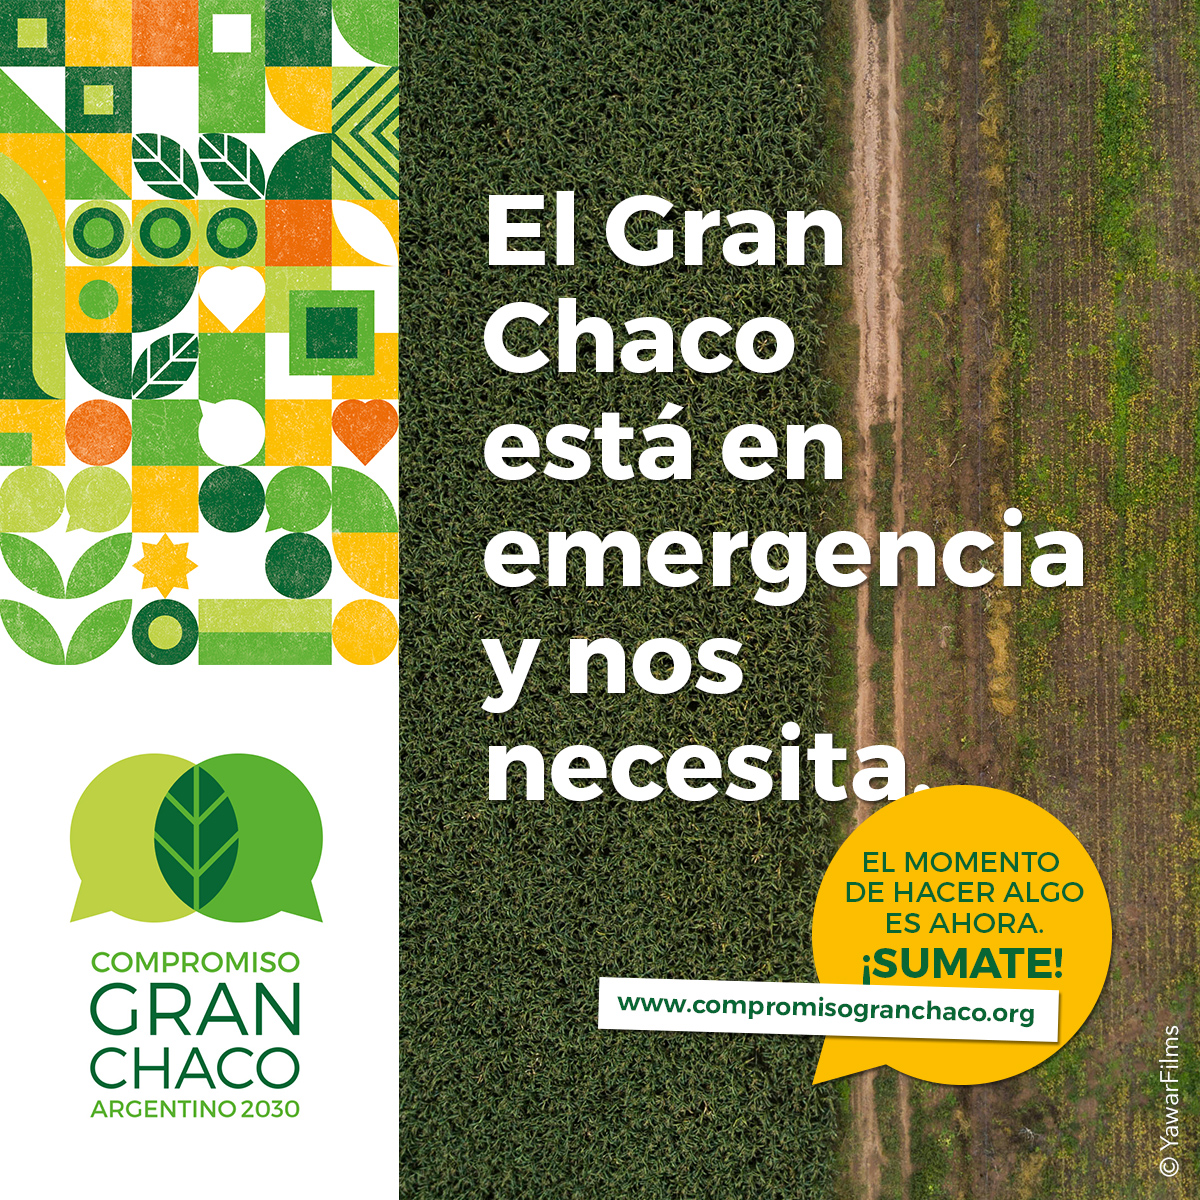 El Gran Chaco esta en emergencia y nos necesita